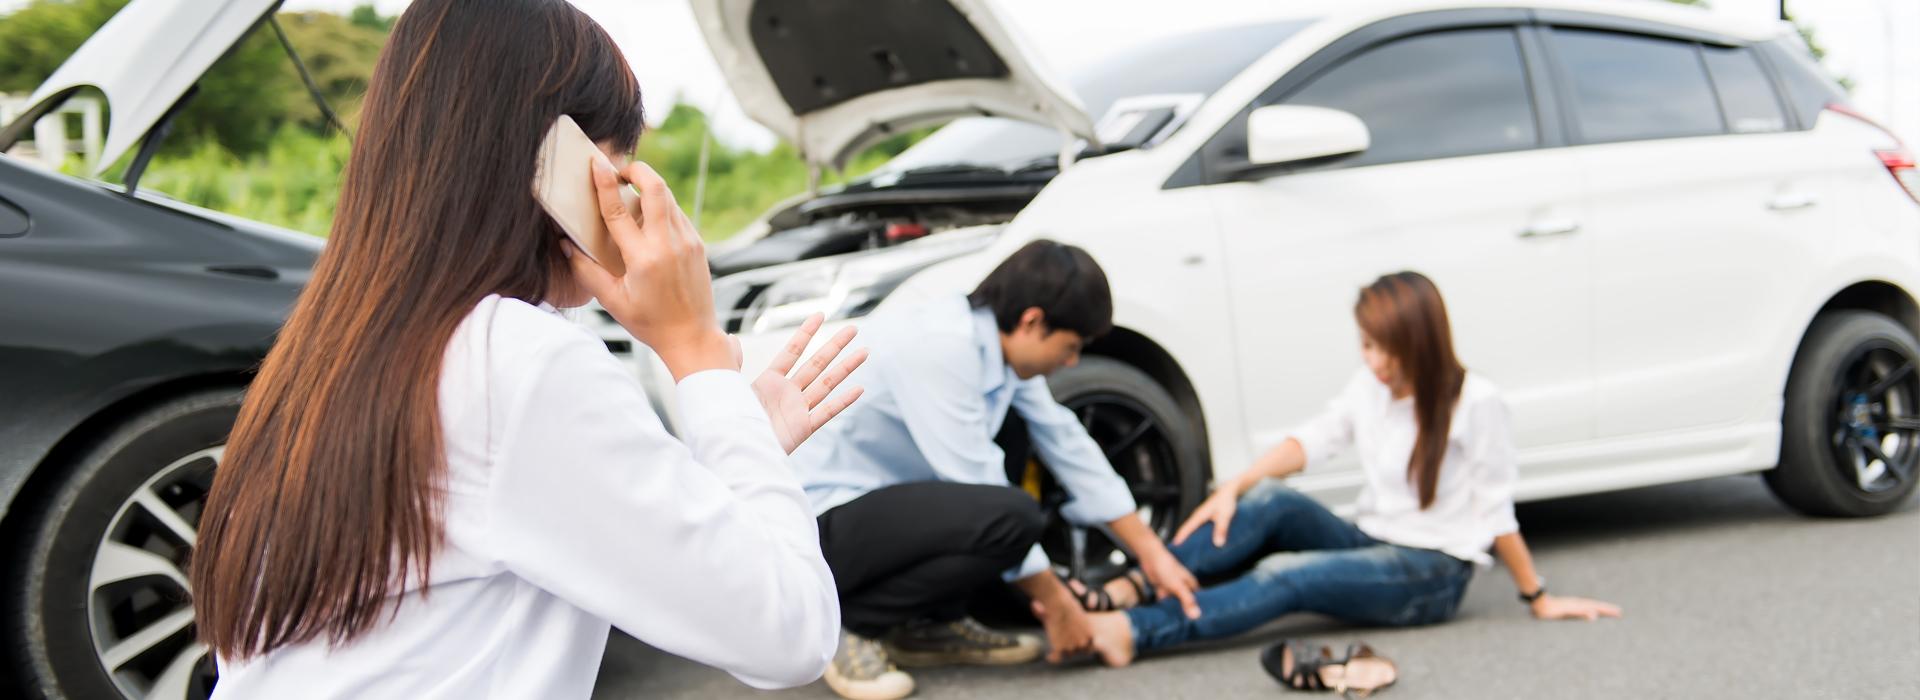 車禍肇事者脫產 受害者可用「這招」避免求償無門!